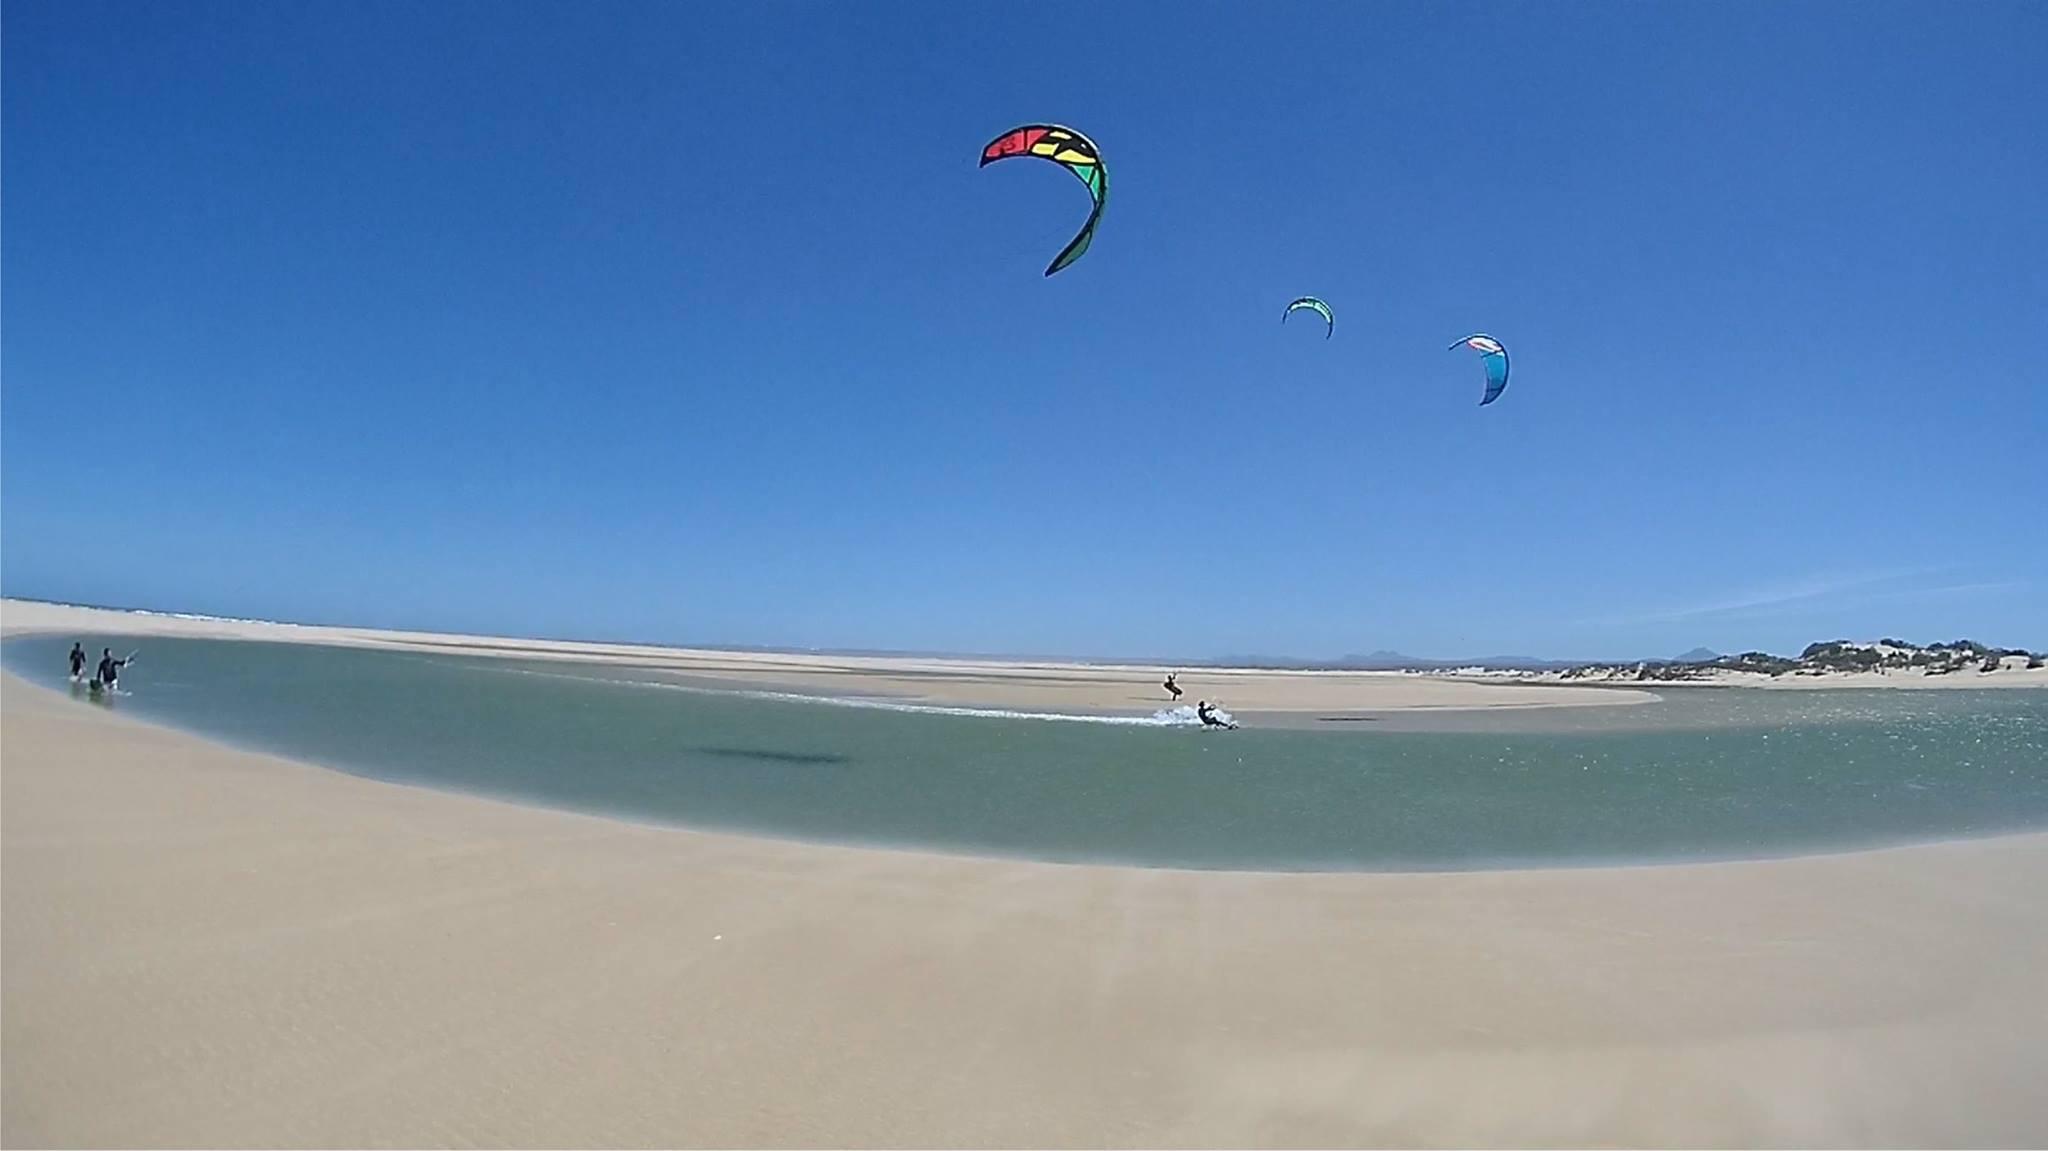 Swing Kiteboarding - Gamtoos 1